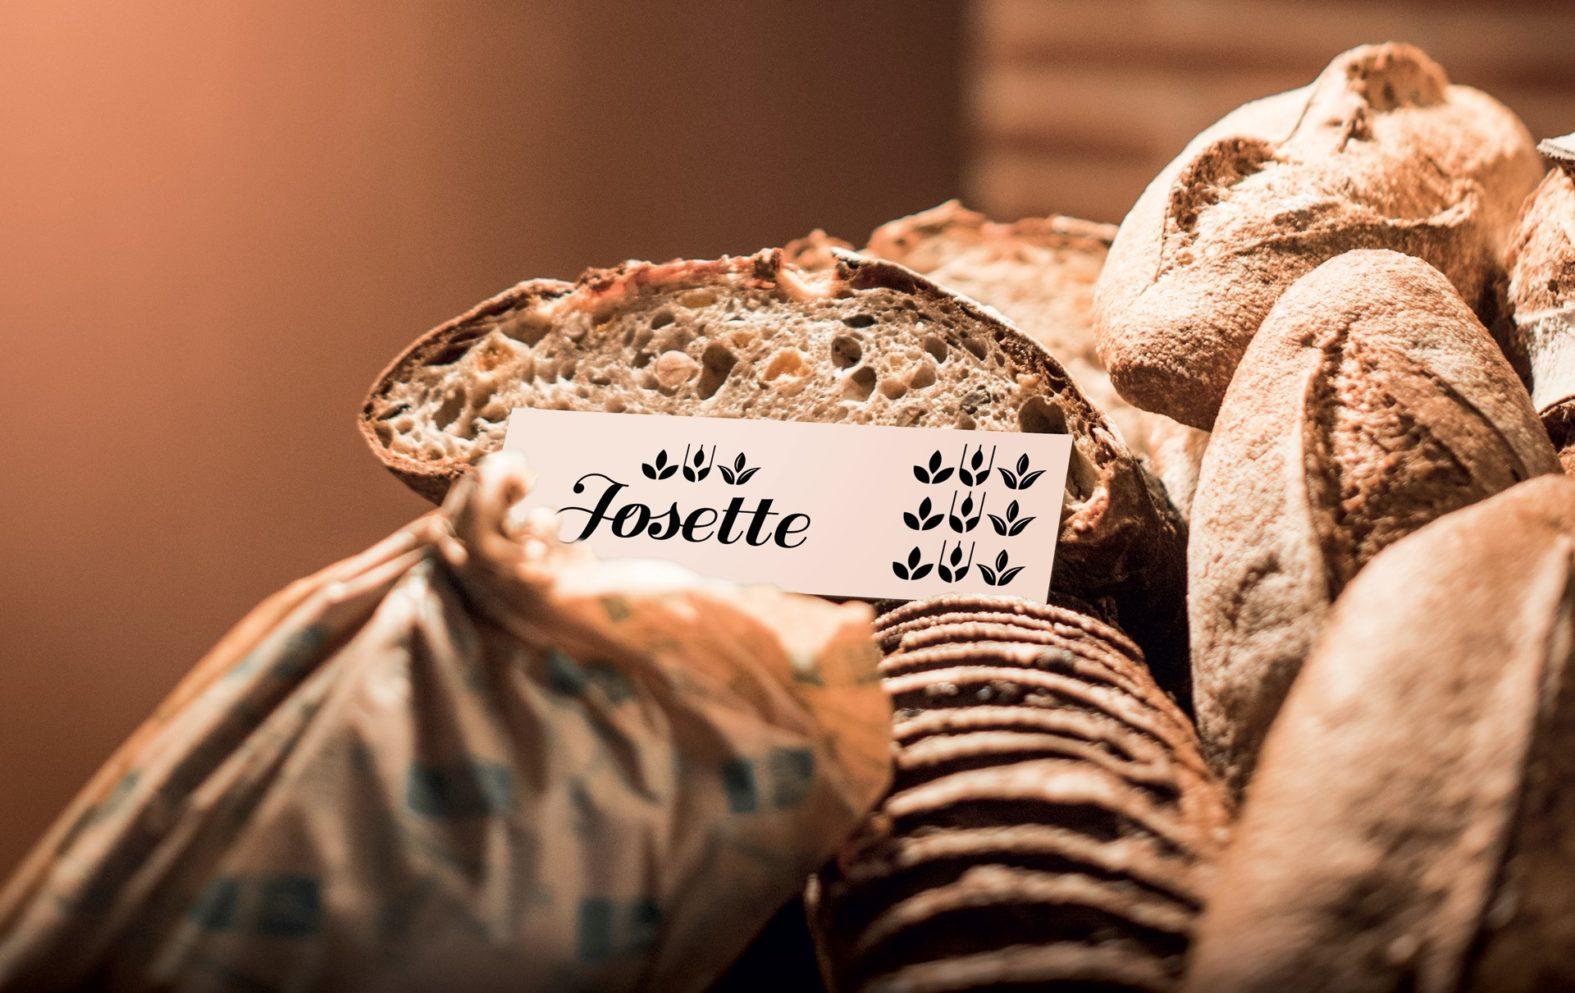 Landeau Création Graphique Josette étiquette pain